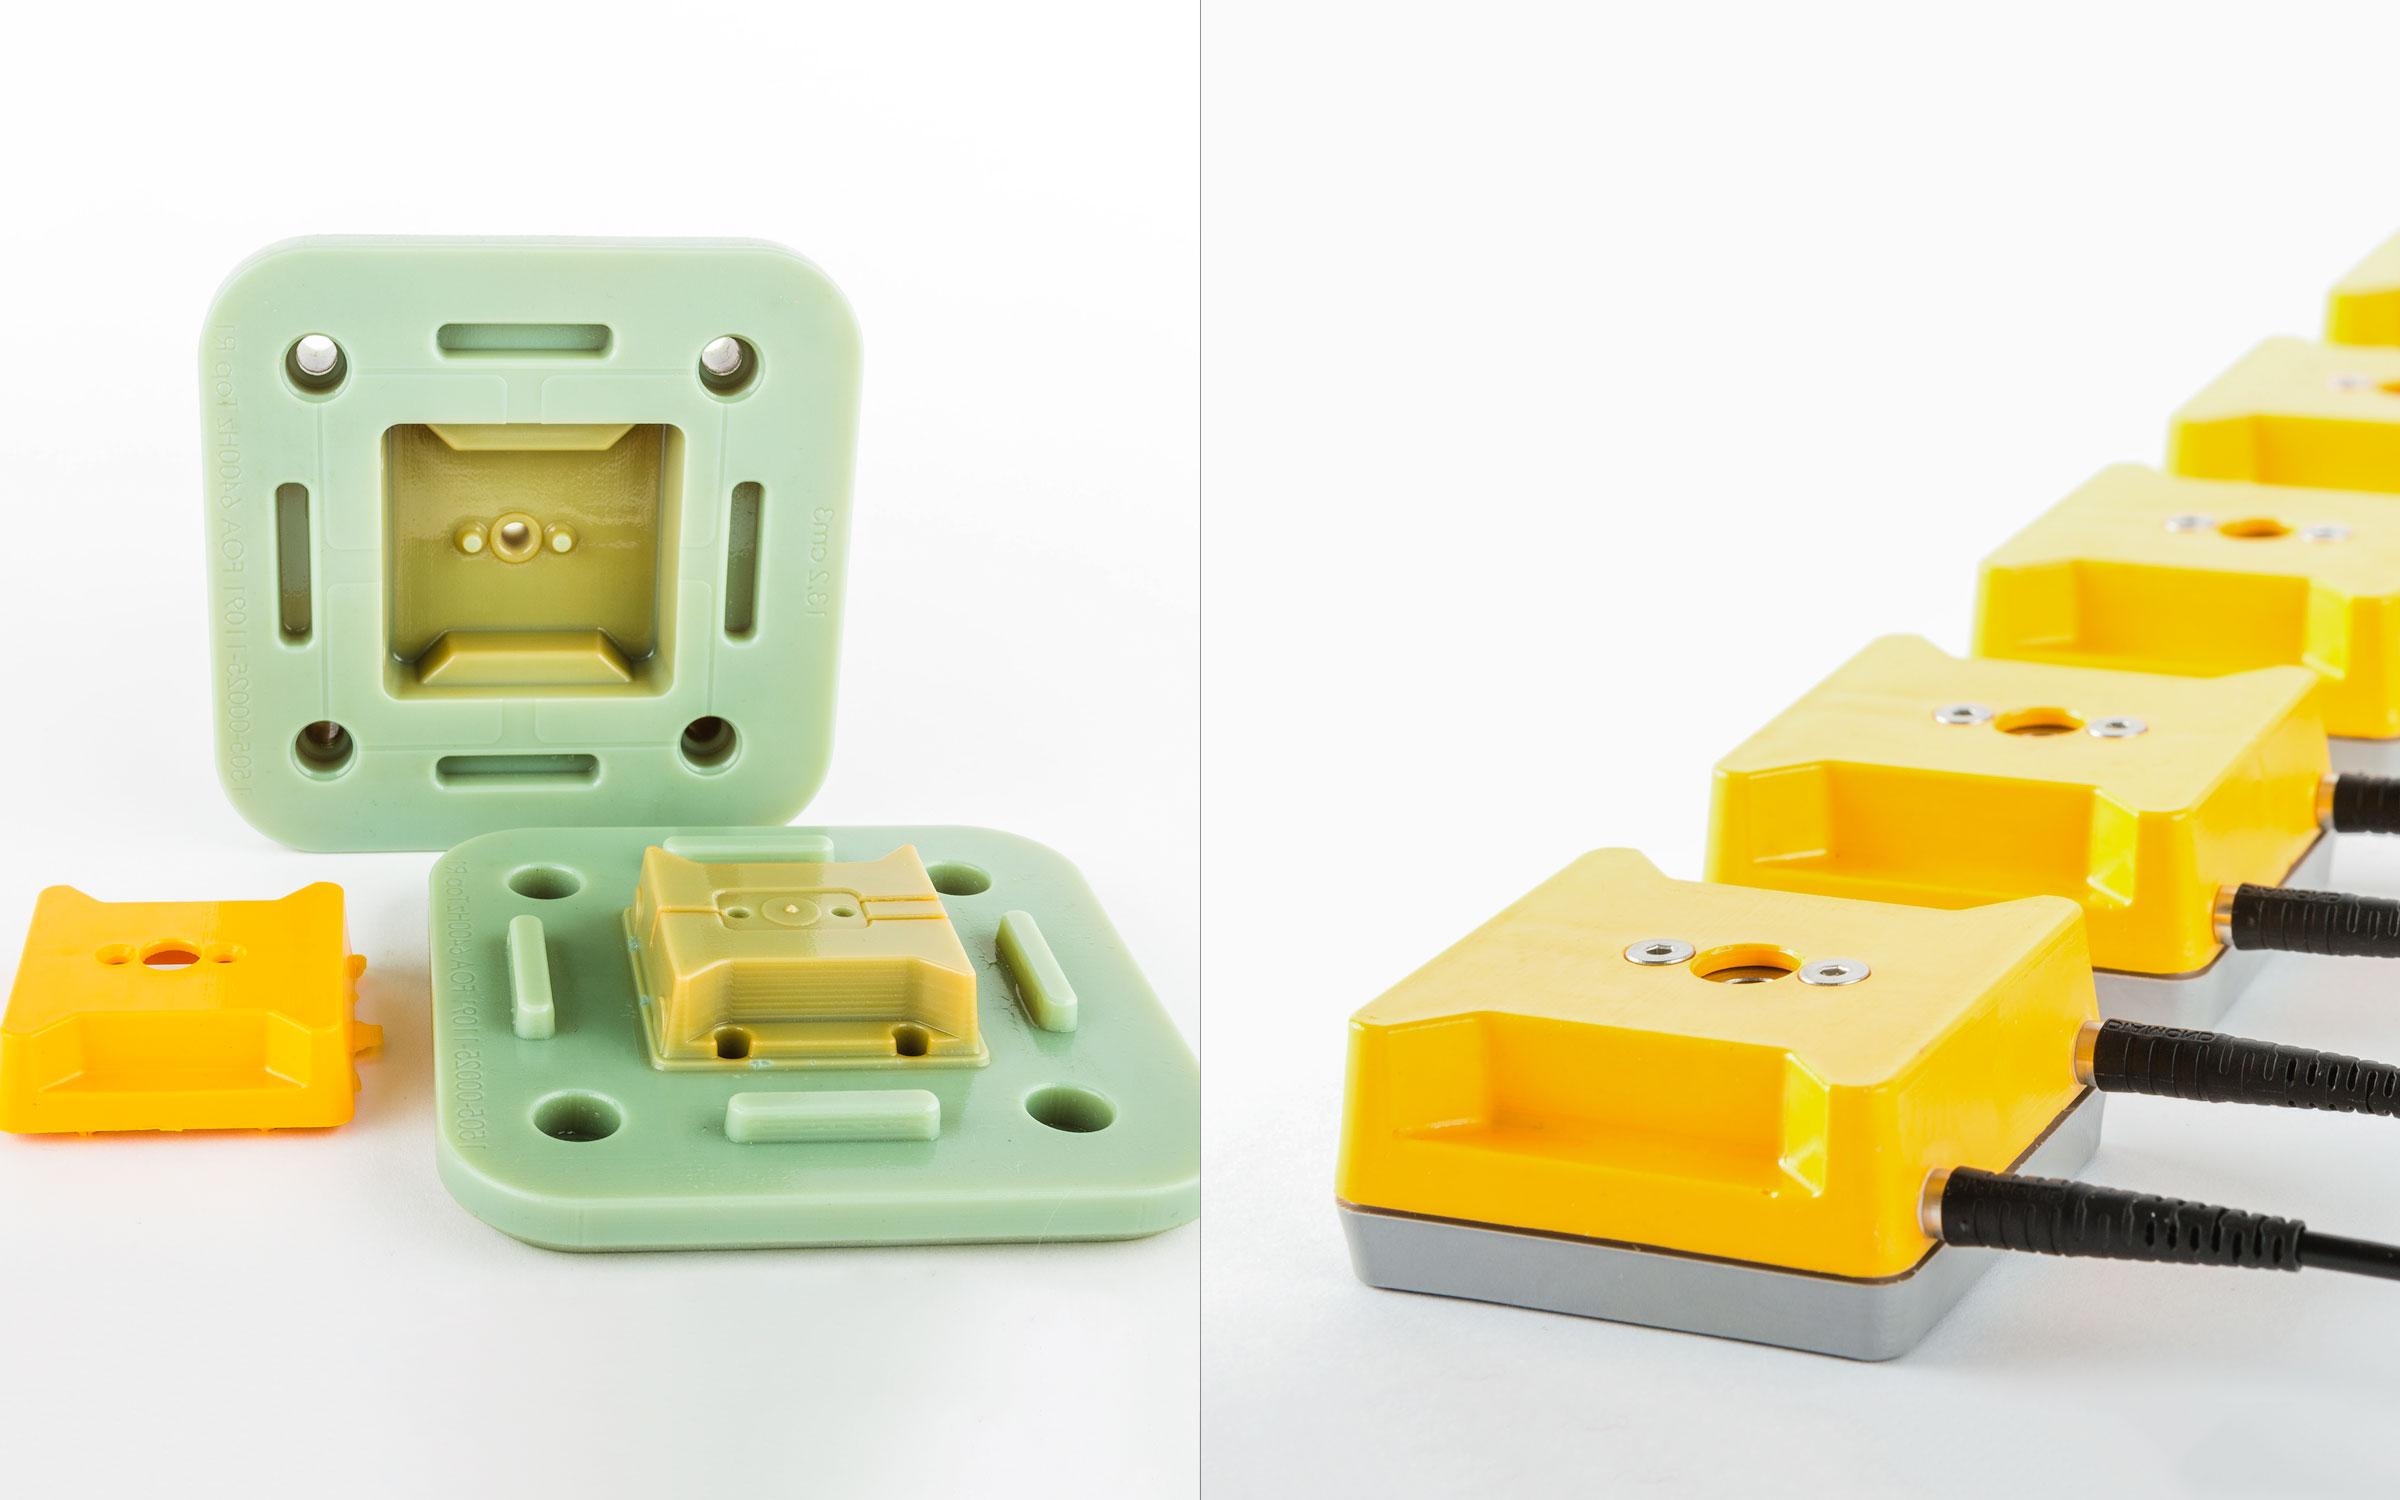 این قالب پرینت سه بعدی تزریق پلاستیک برای ساخت تعدادی محفظه سنسور استفاده شده است.(تصویر متعلق به Promolding)